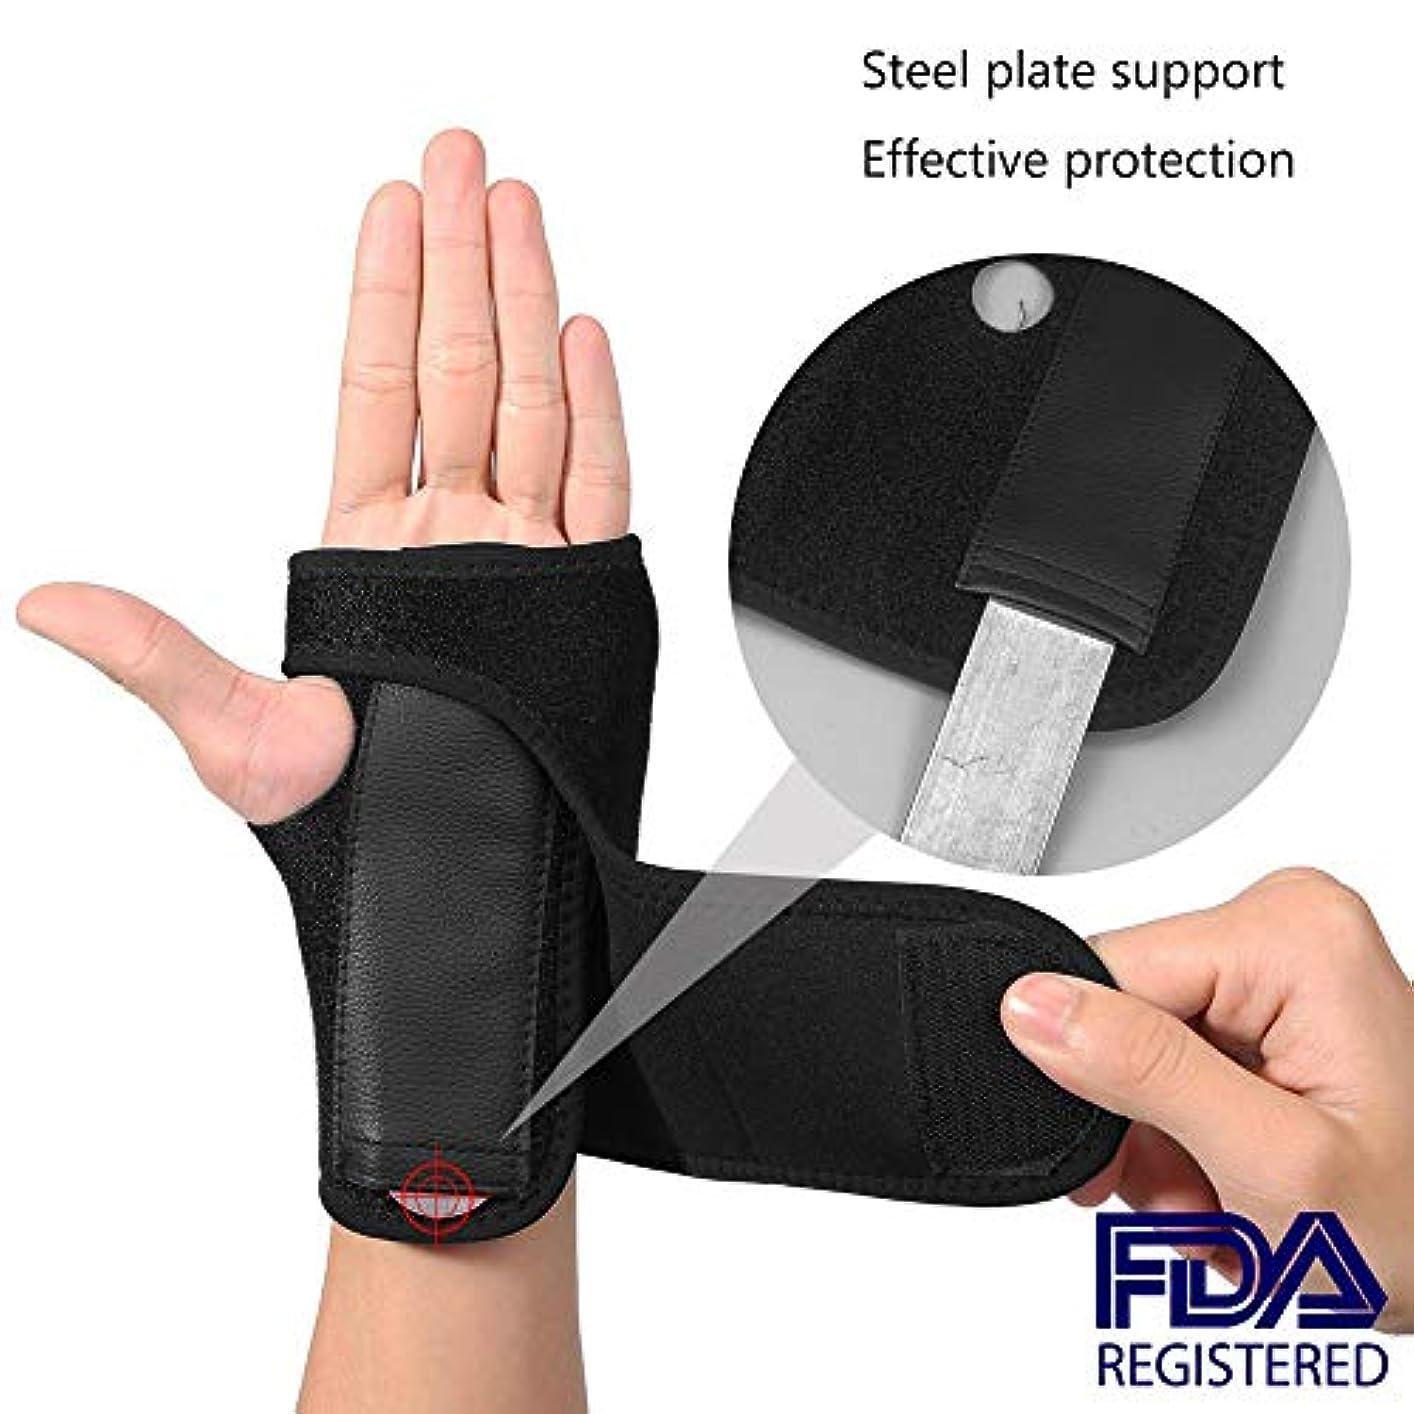 美人以上動く手首のサポート-調節可能なブレースストラップバンド-右手と左手で手根管、手首の関節炎の痛み、捻rain、疲労を和らげます